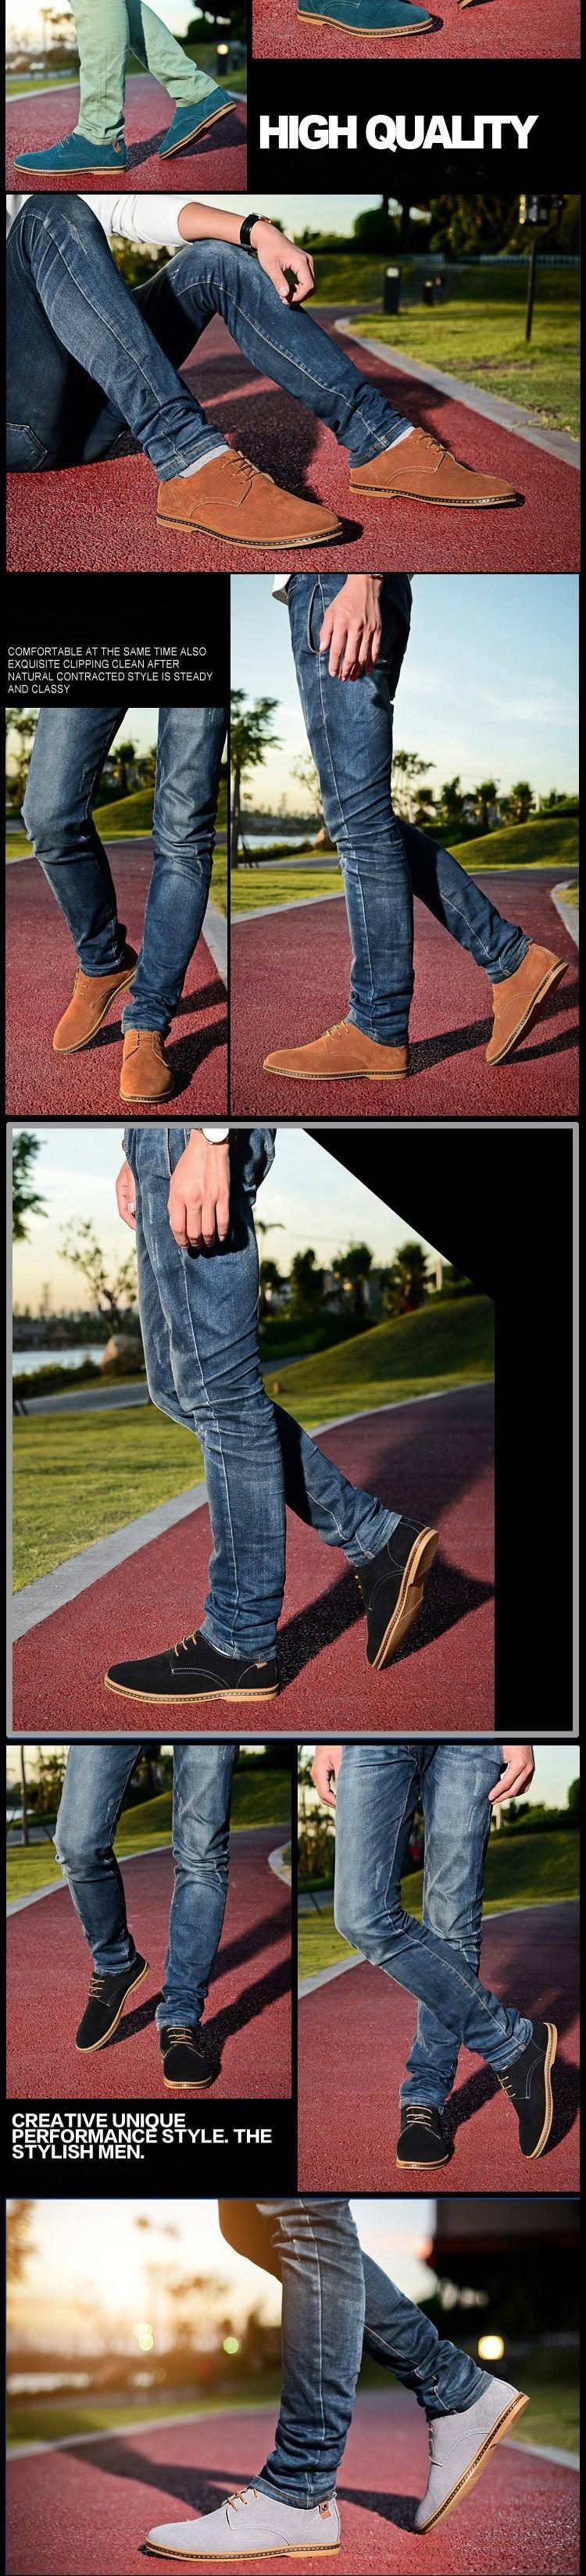 men shoes (6)